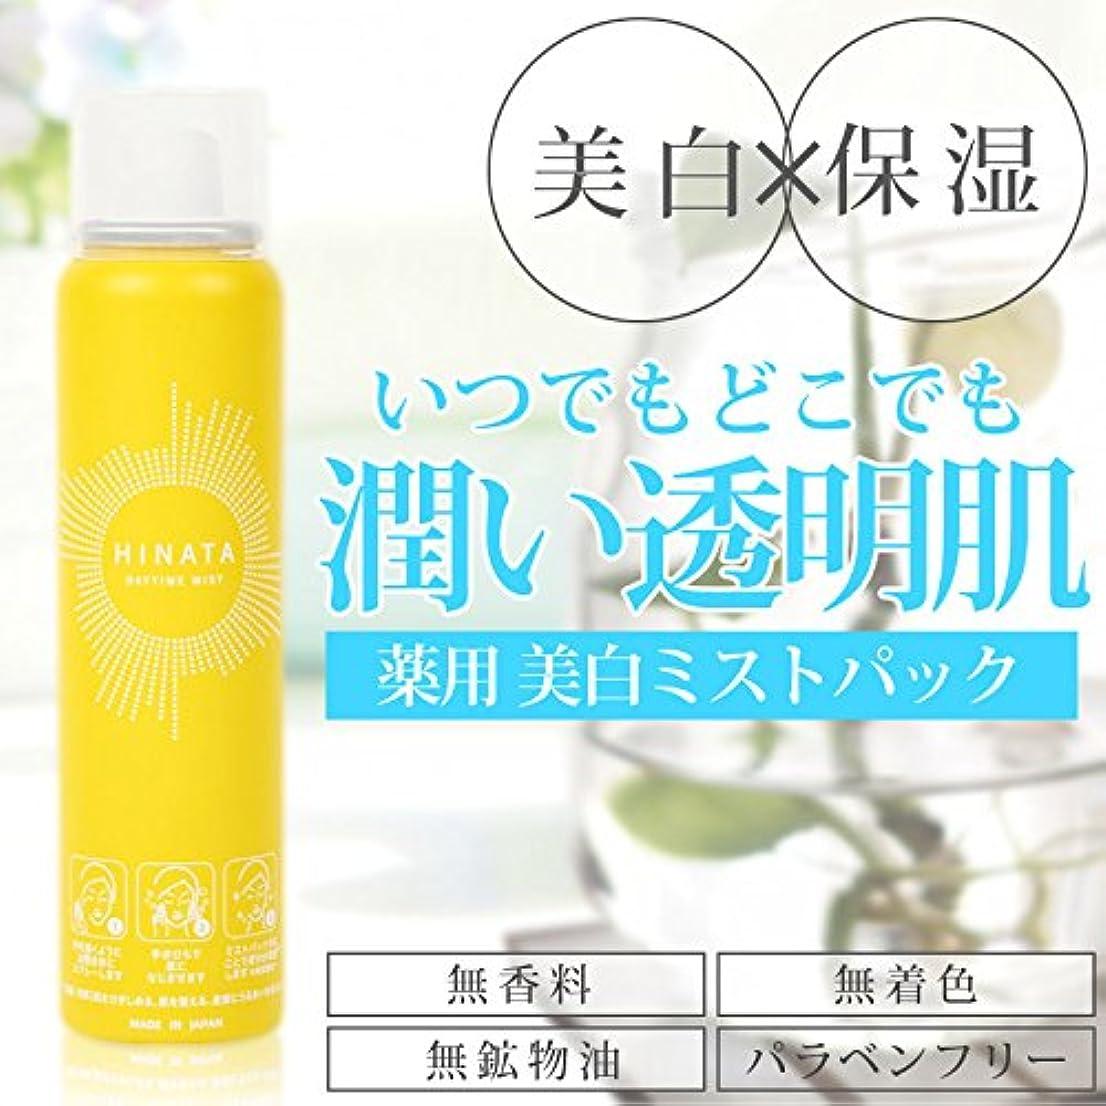 夜の動物園のために届ける化粧水 ヒナタ 医薬部外品 ミストパック ミストスプレー 美白